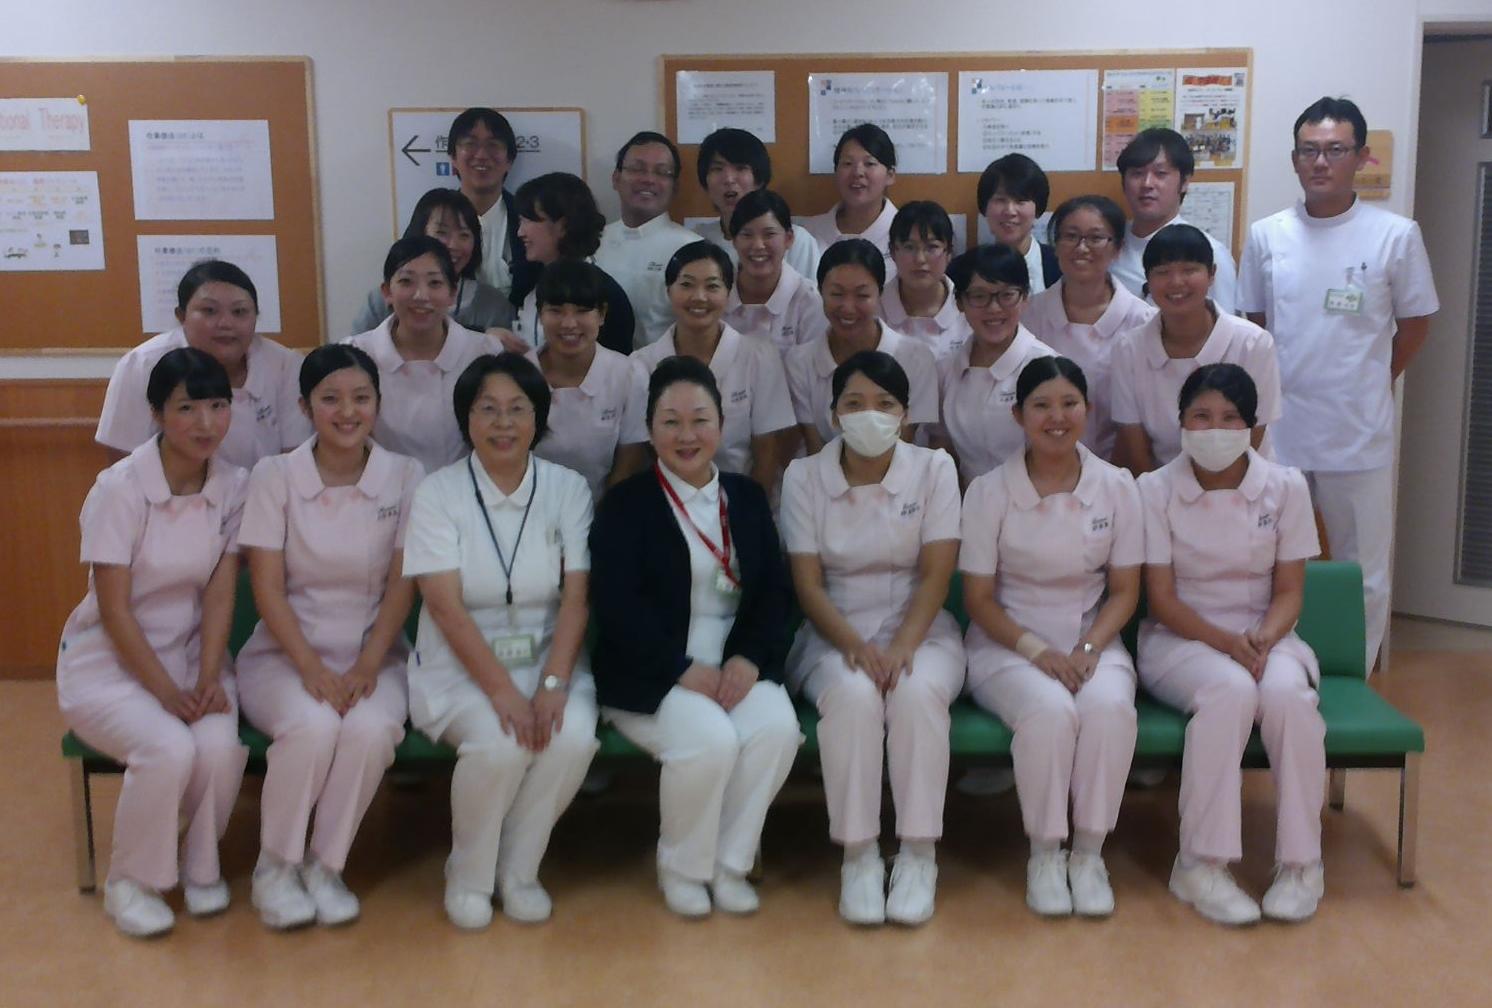 入学試験情報 - 独立行政法人 国立病院機構 大阪医 …